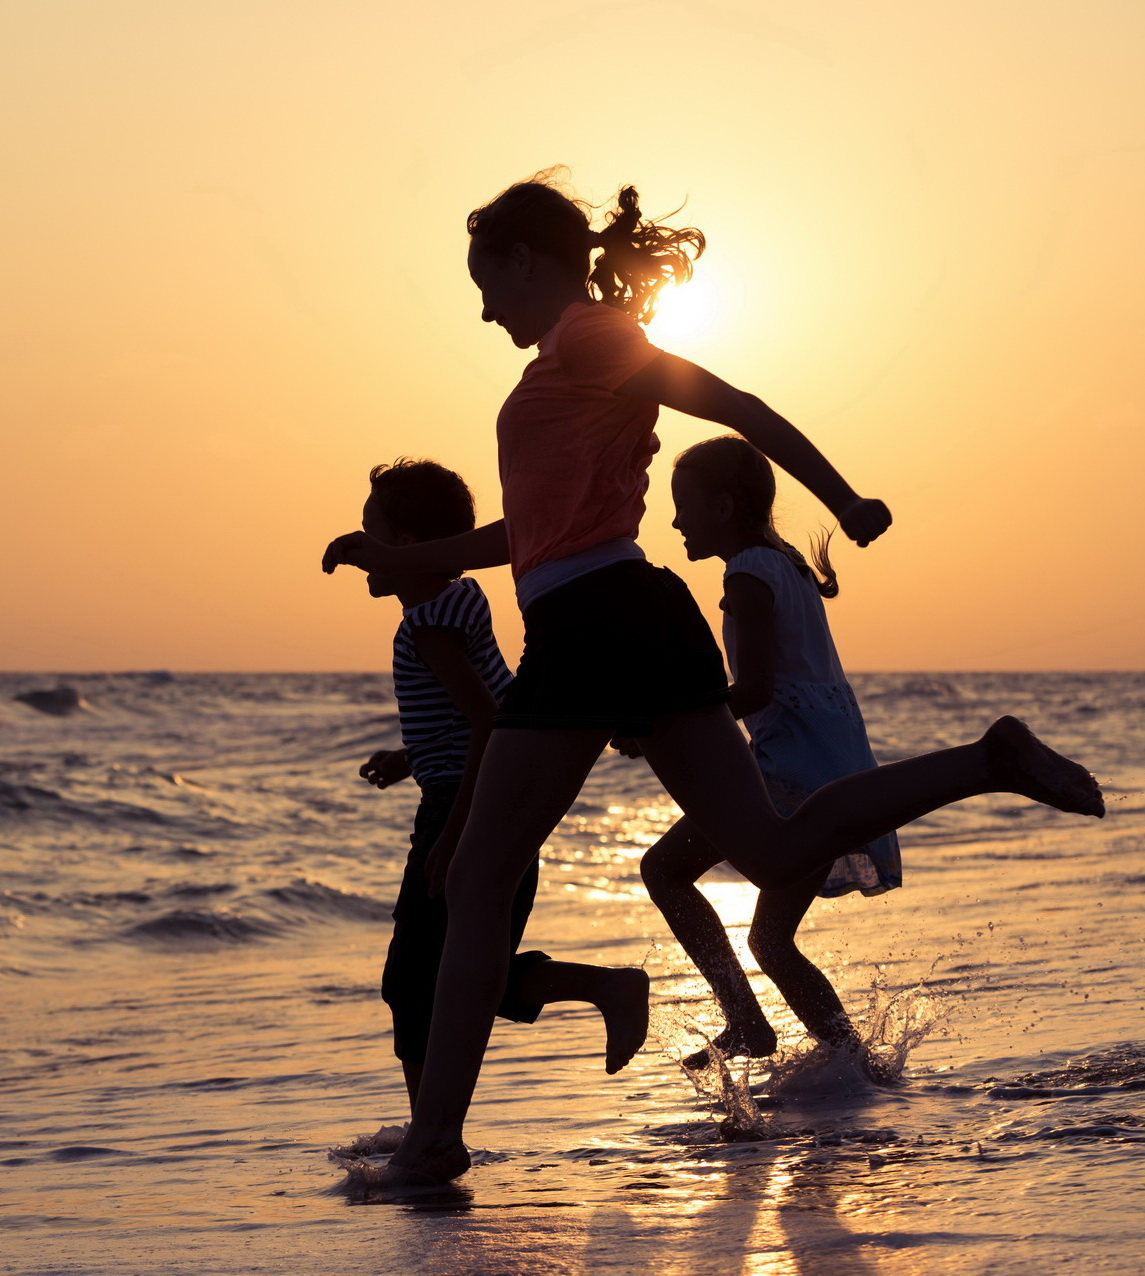 Make it Happiness by Alla Liberova. Voor EFT Relatietherapie en begeleiding bij persoonlijke ontwikkeling.